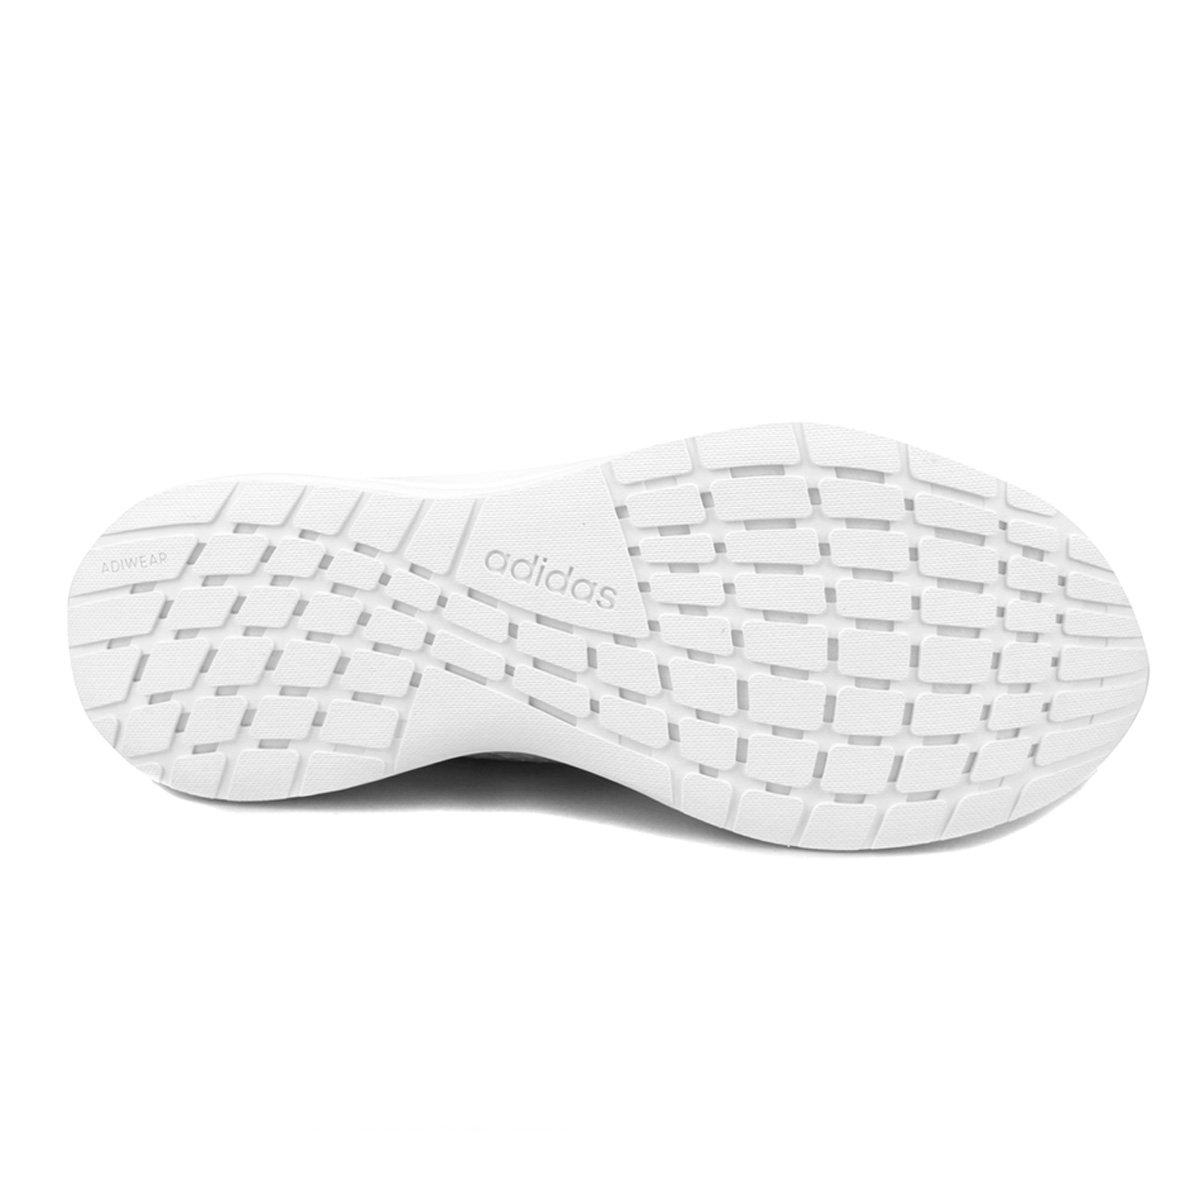 ea7ef93f84 Tênis Adidas Element V Feminino - Branco - Compre Agora